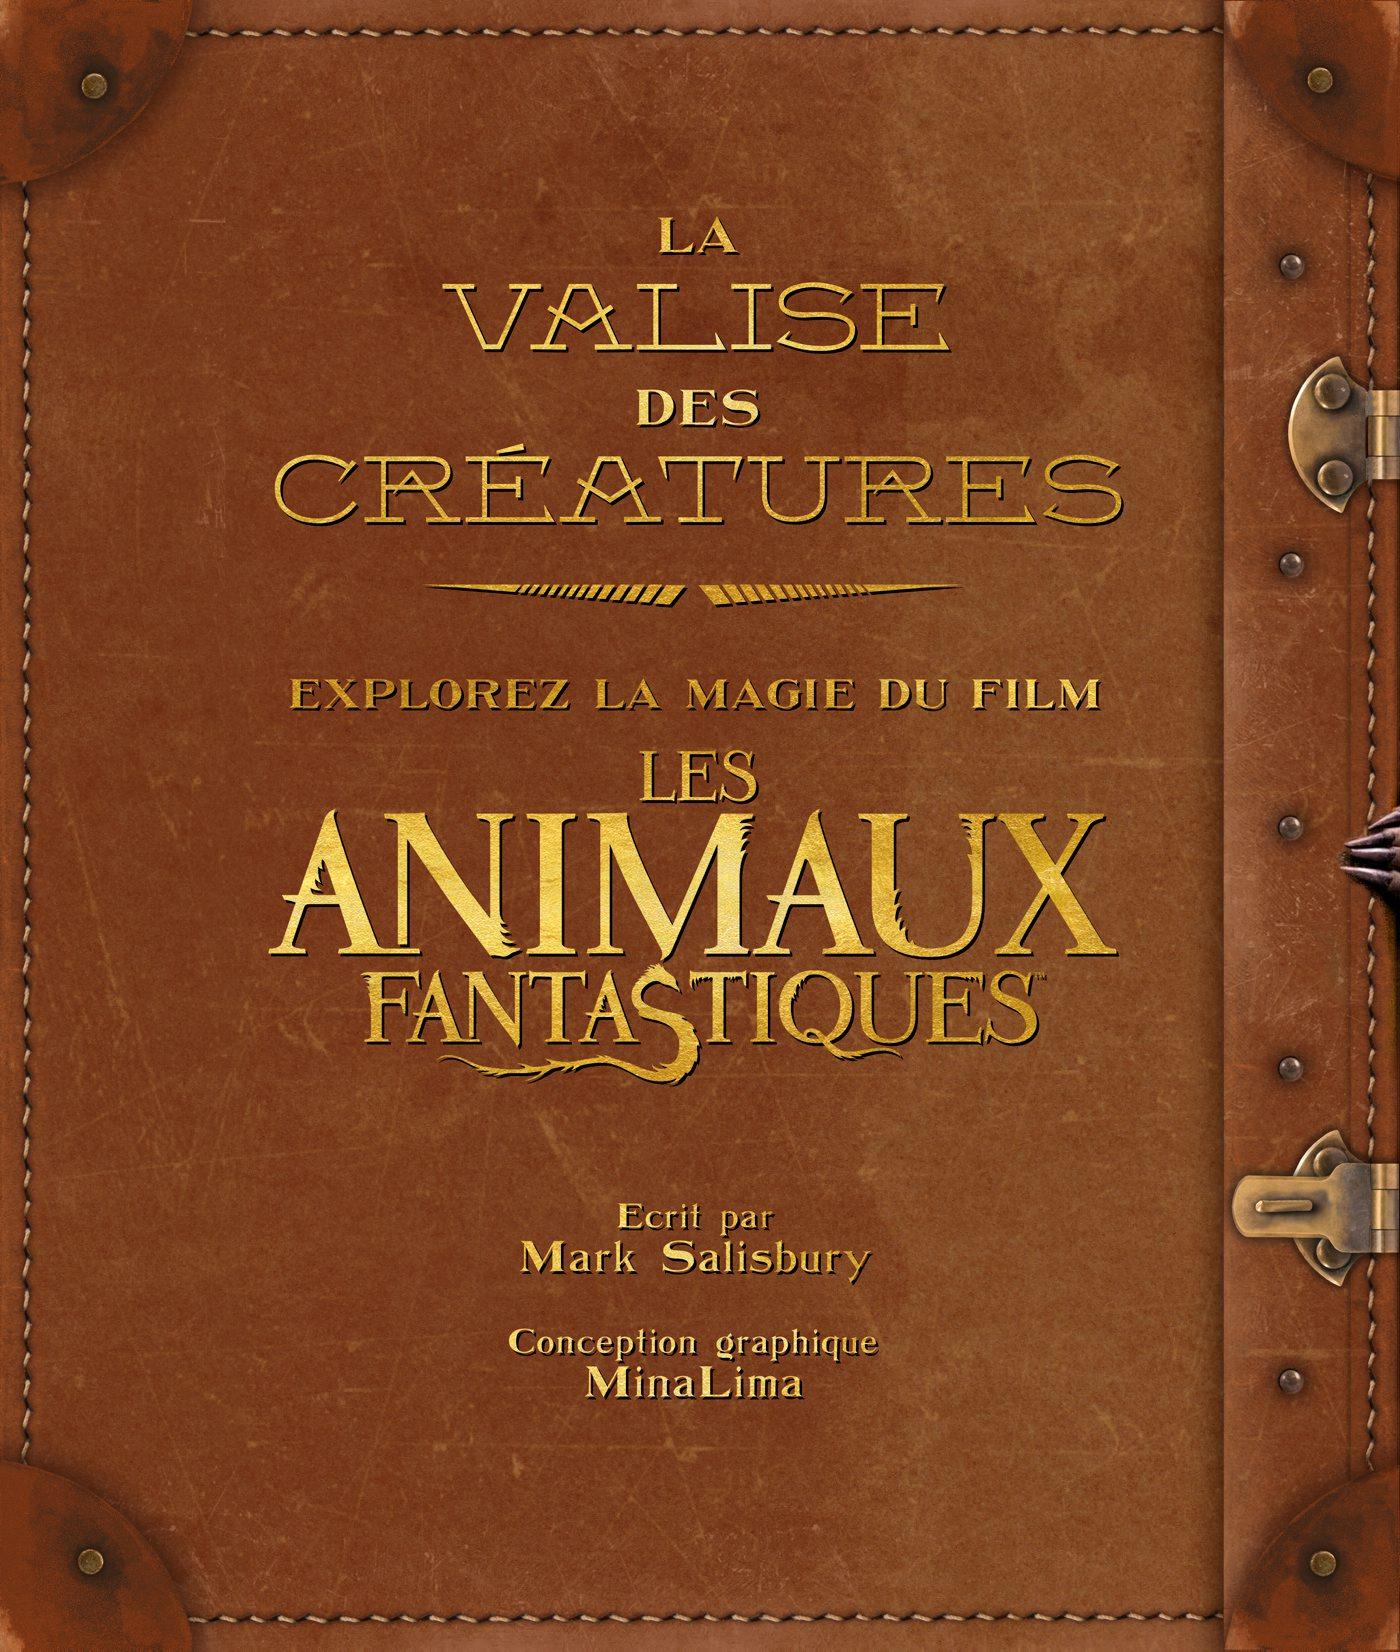 La Valise Des Creatures Explorez La Magie Du Film Les